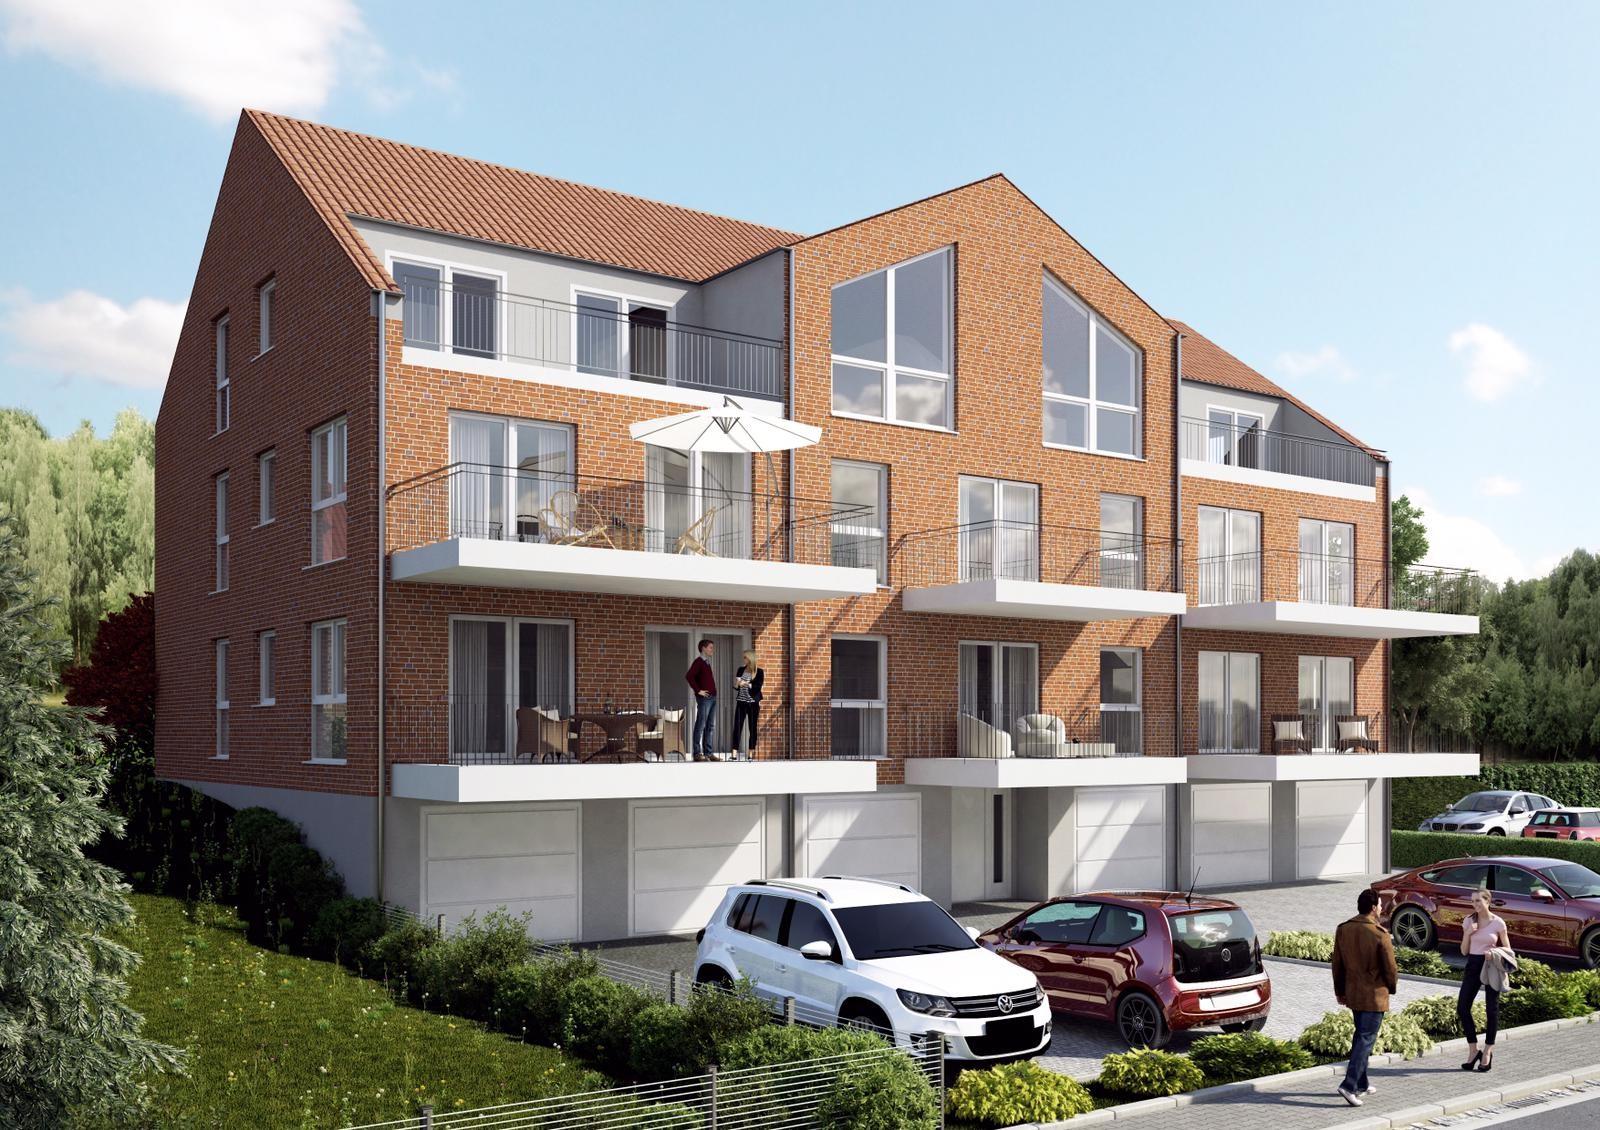 mehrfamilienhaus mit garagen in sch ner und ruhiger lage von syke baucom weyhe. Black Bedroom Furniture Sets. Home Design Ideas